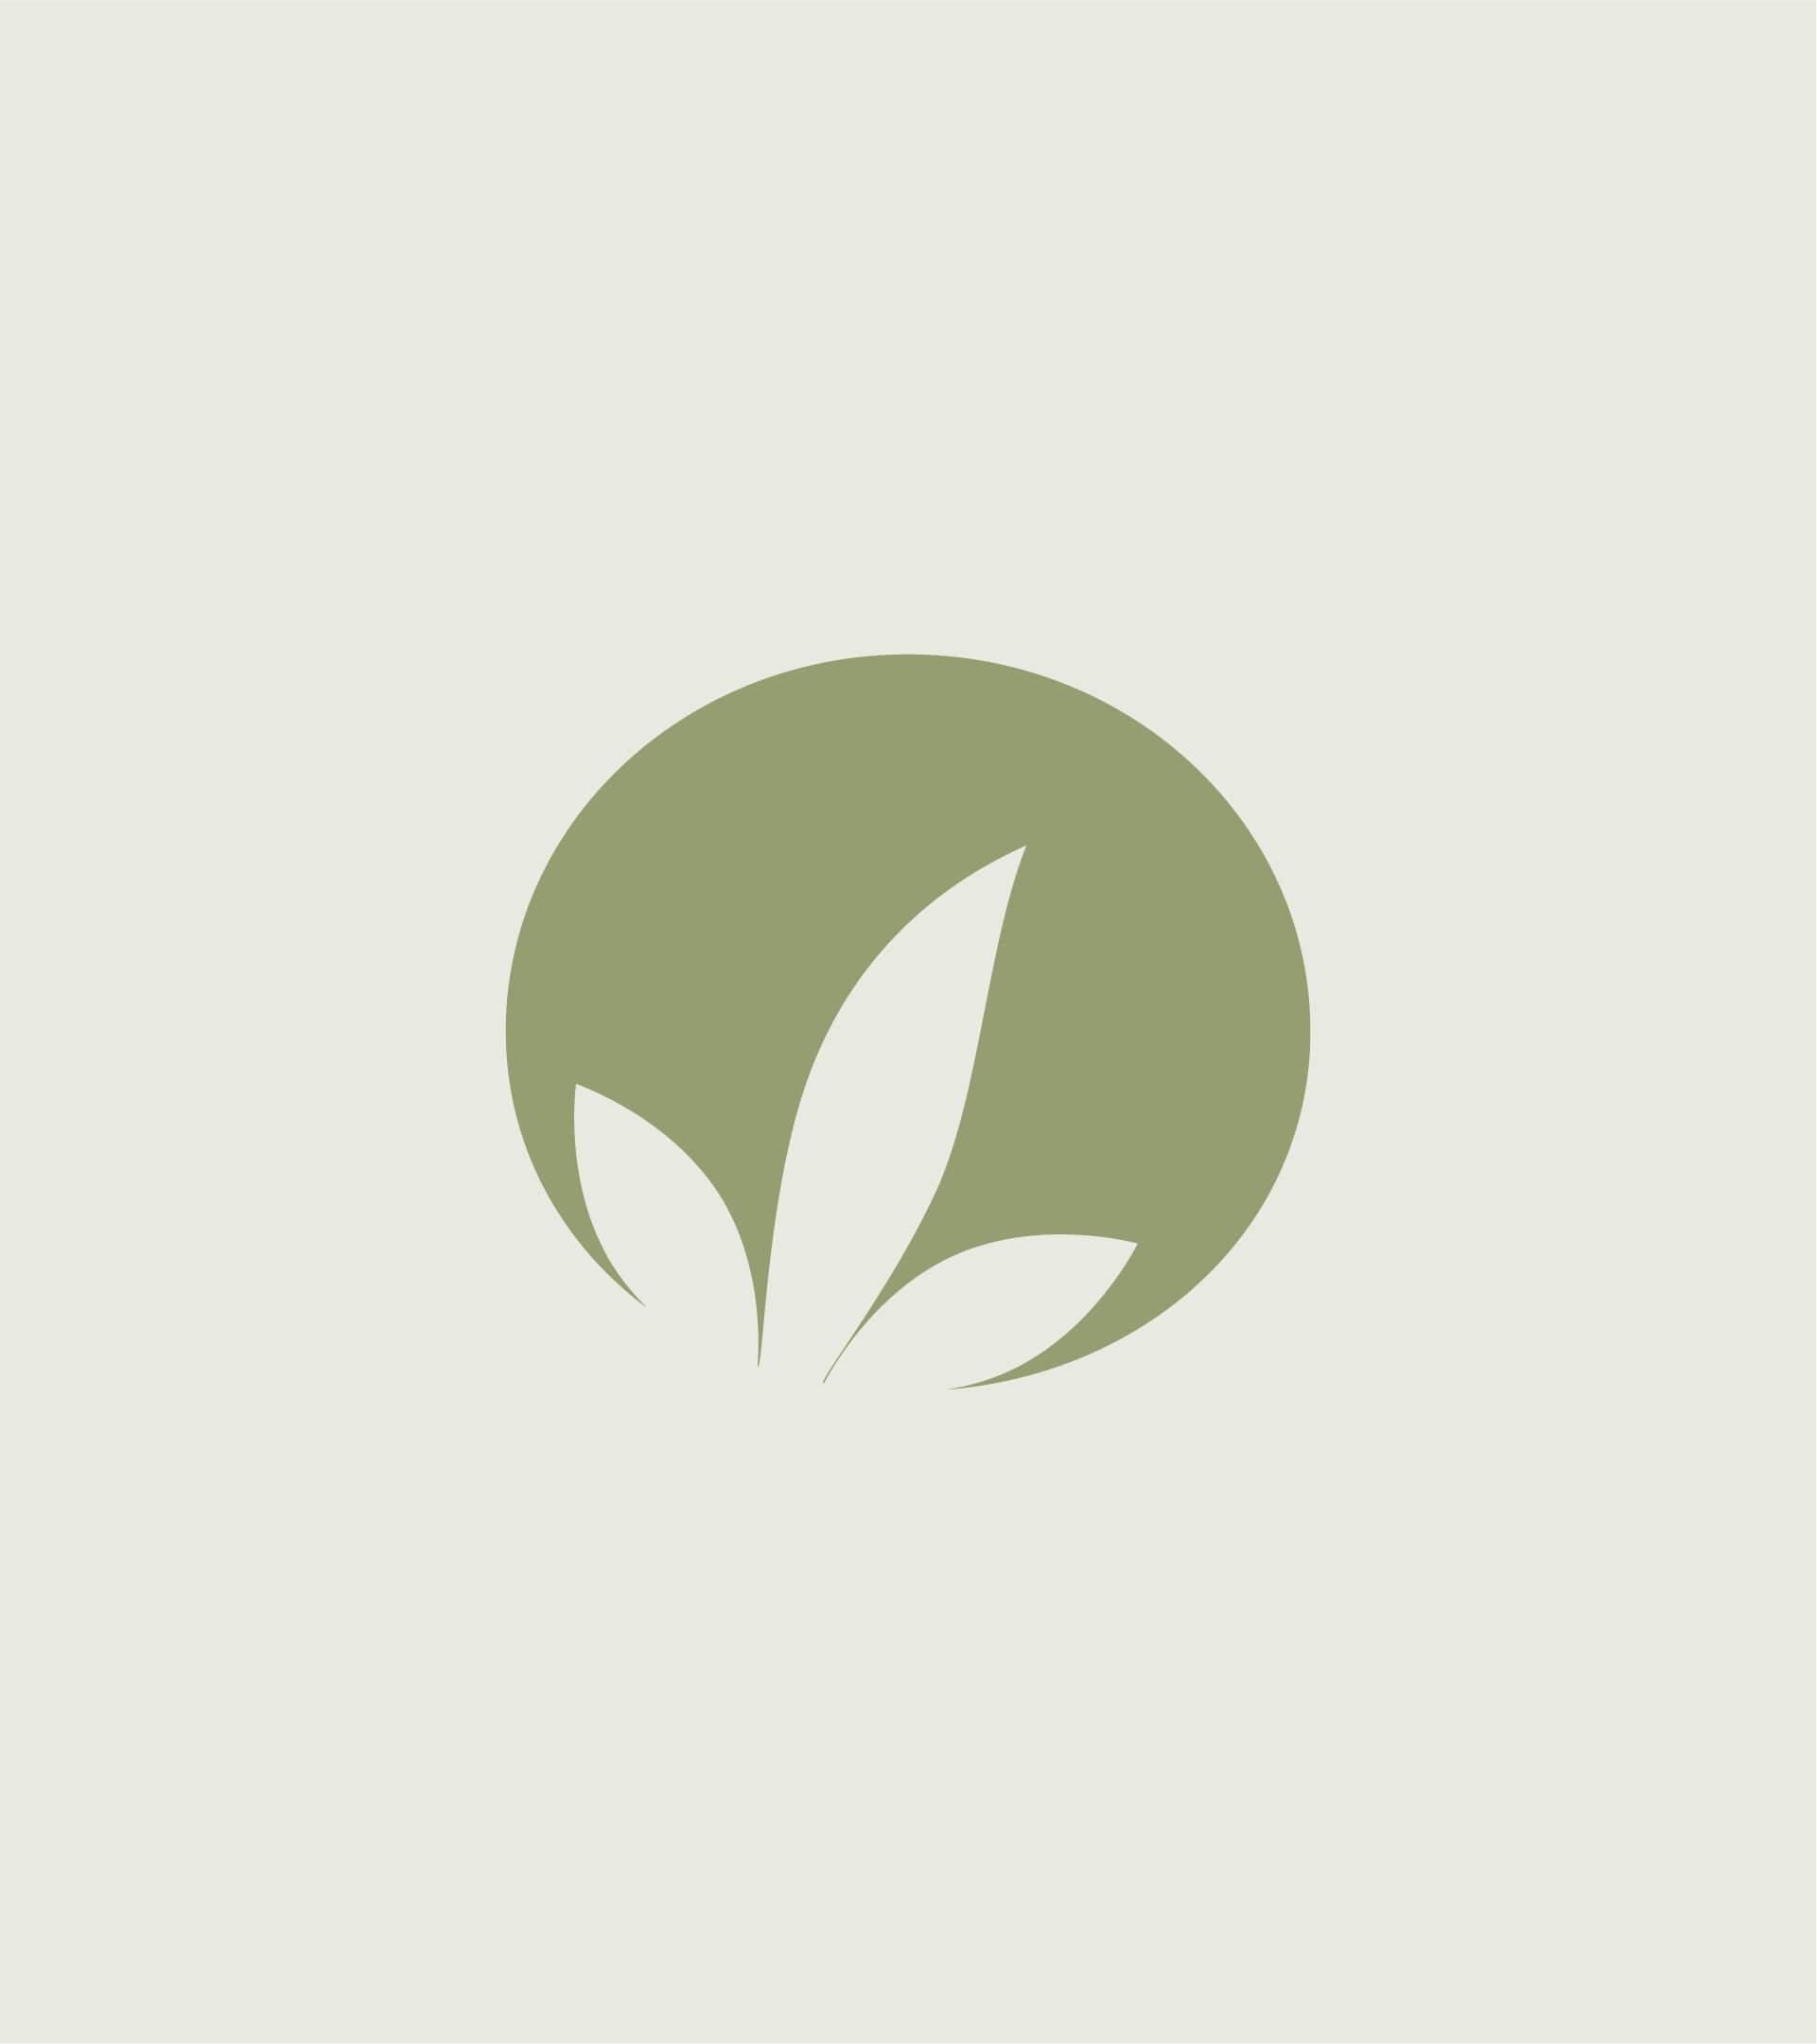 Symbole accompagnant le logo de la boutique Onaki